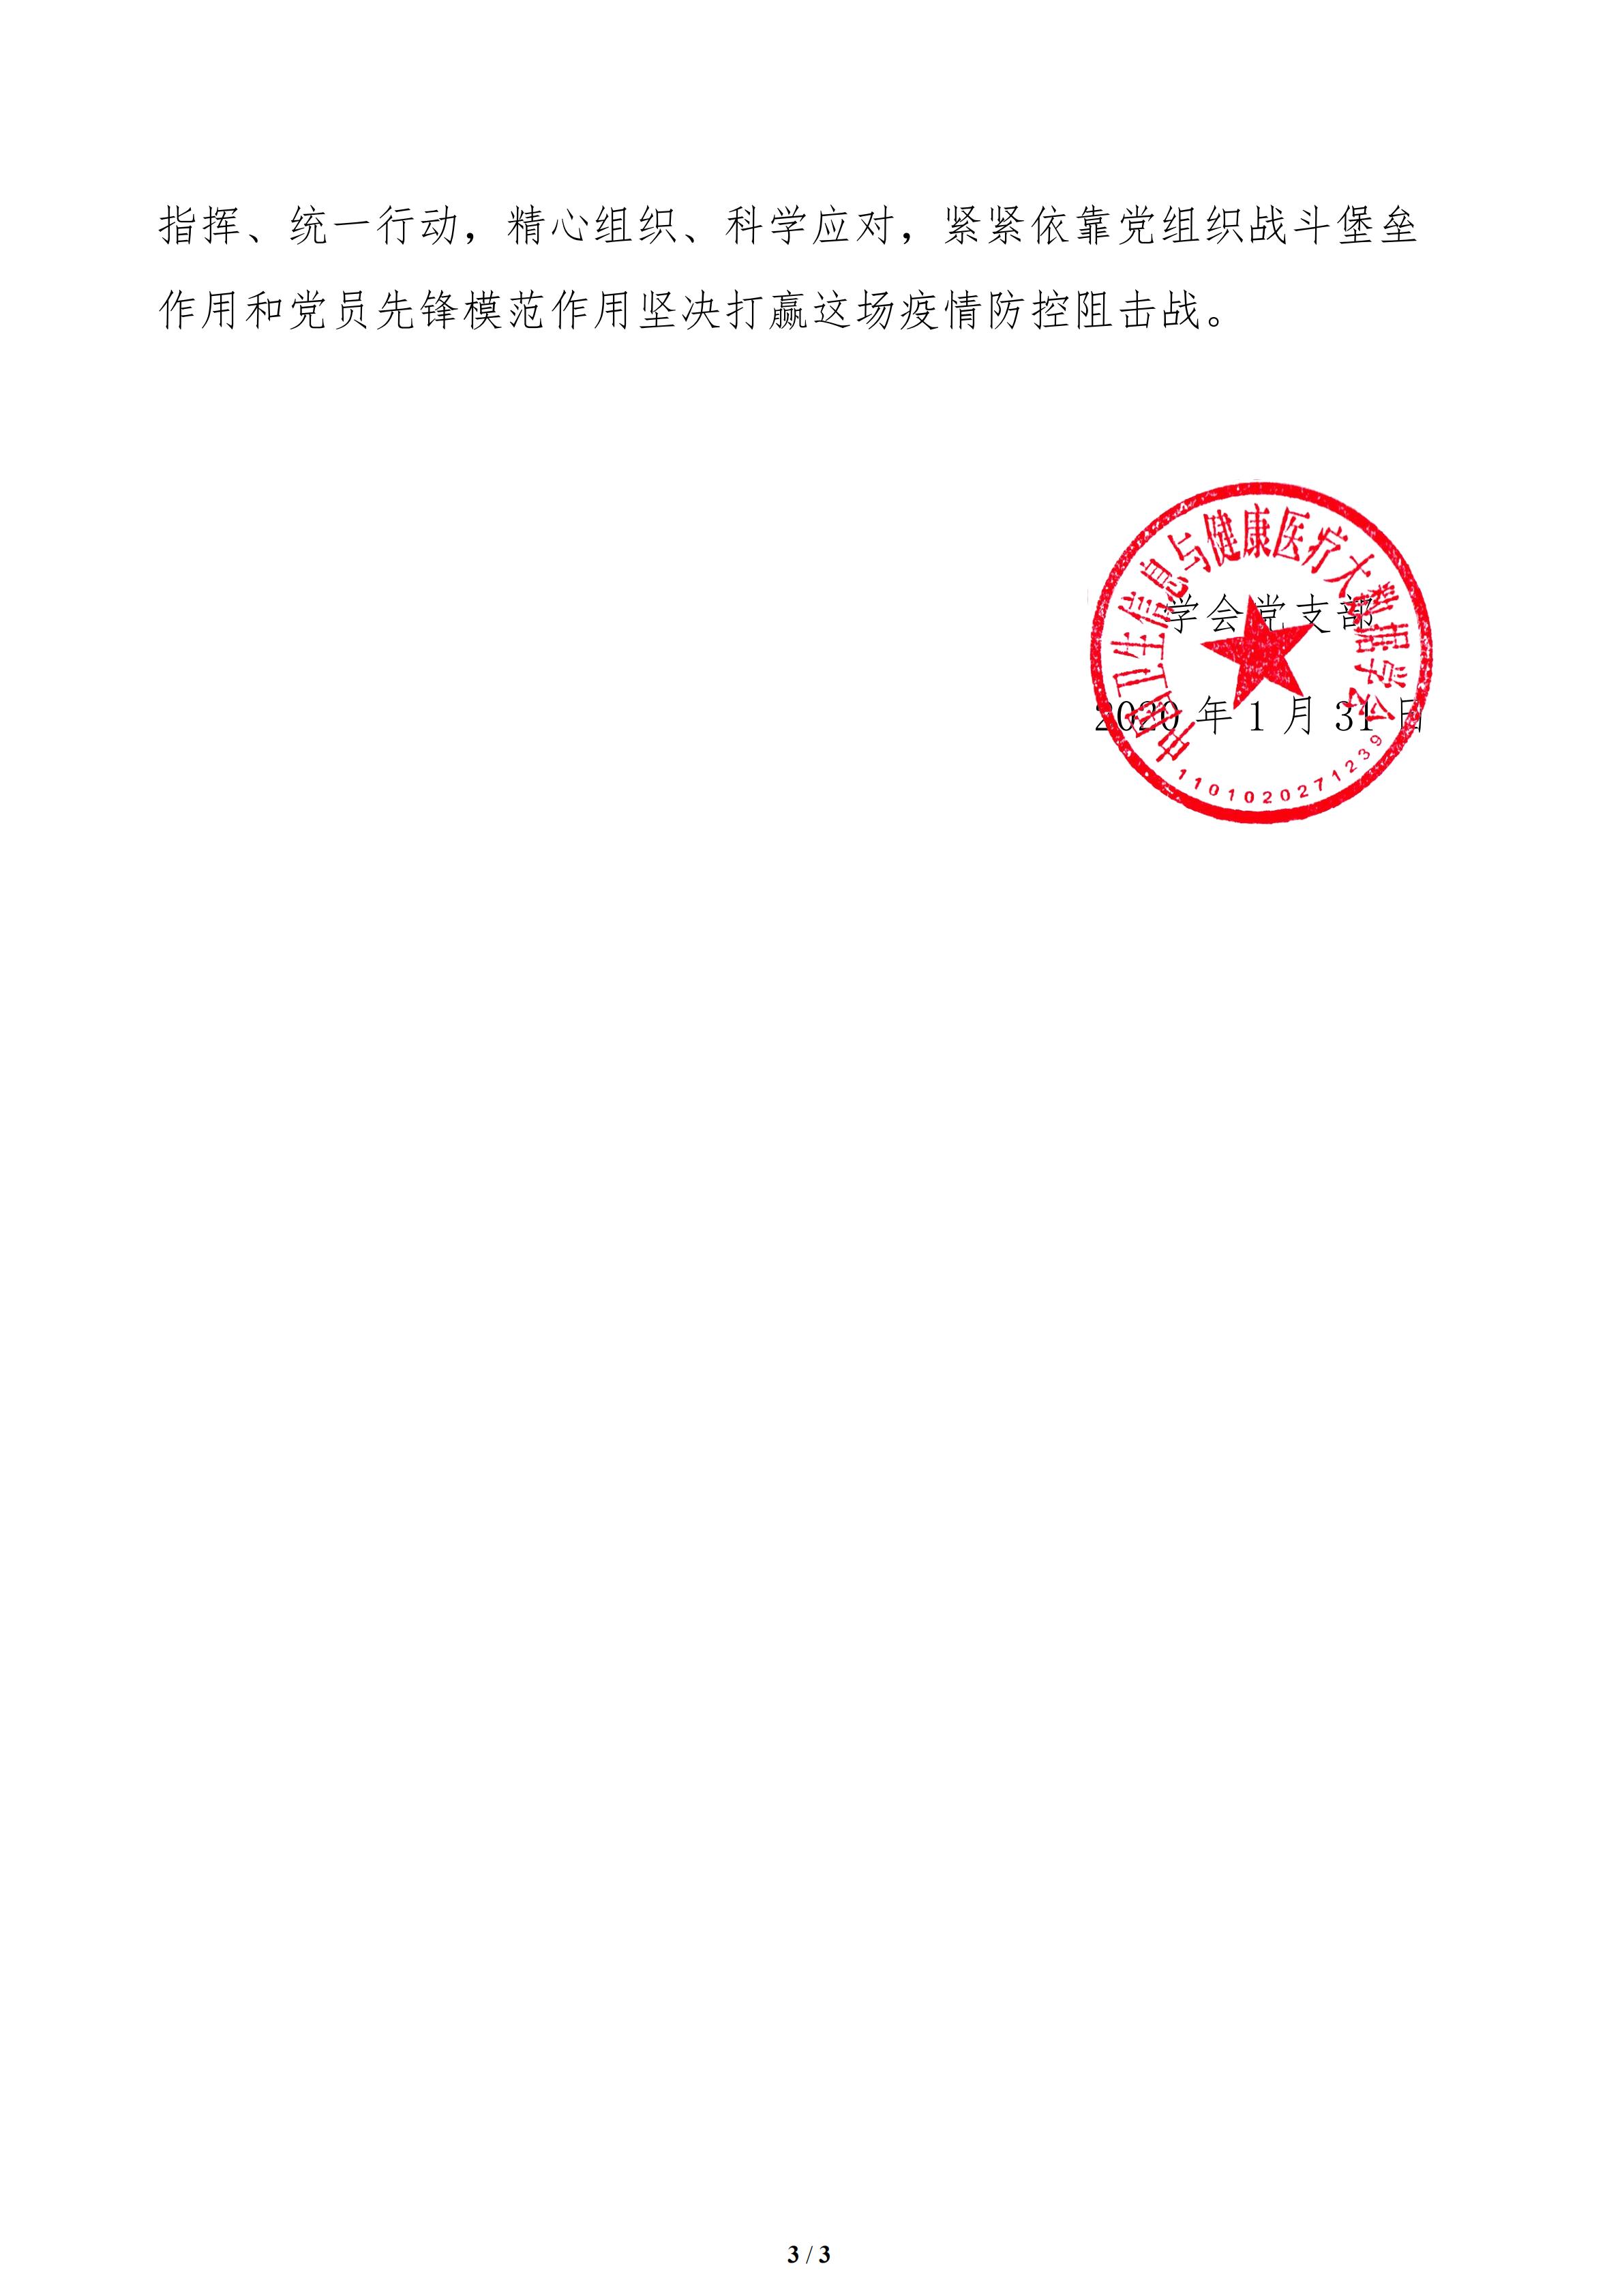 8号文-中国卫生信息与健康医疗大数据学会党支部_02.png